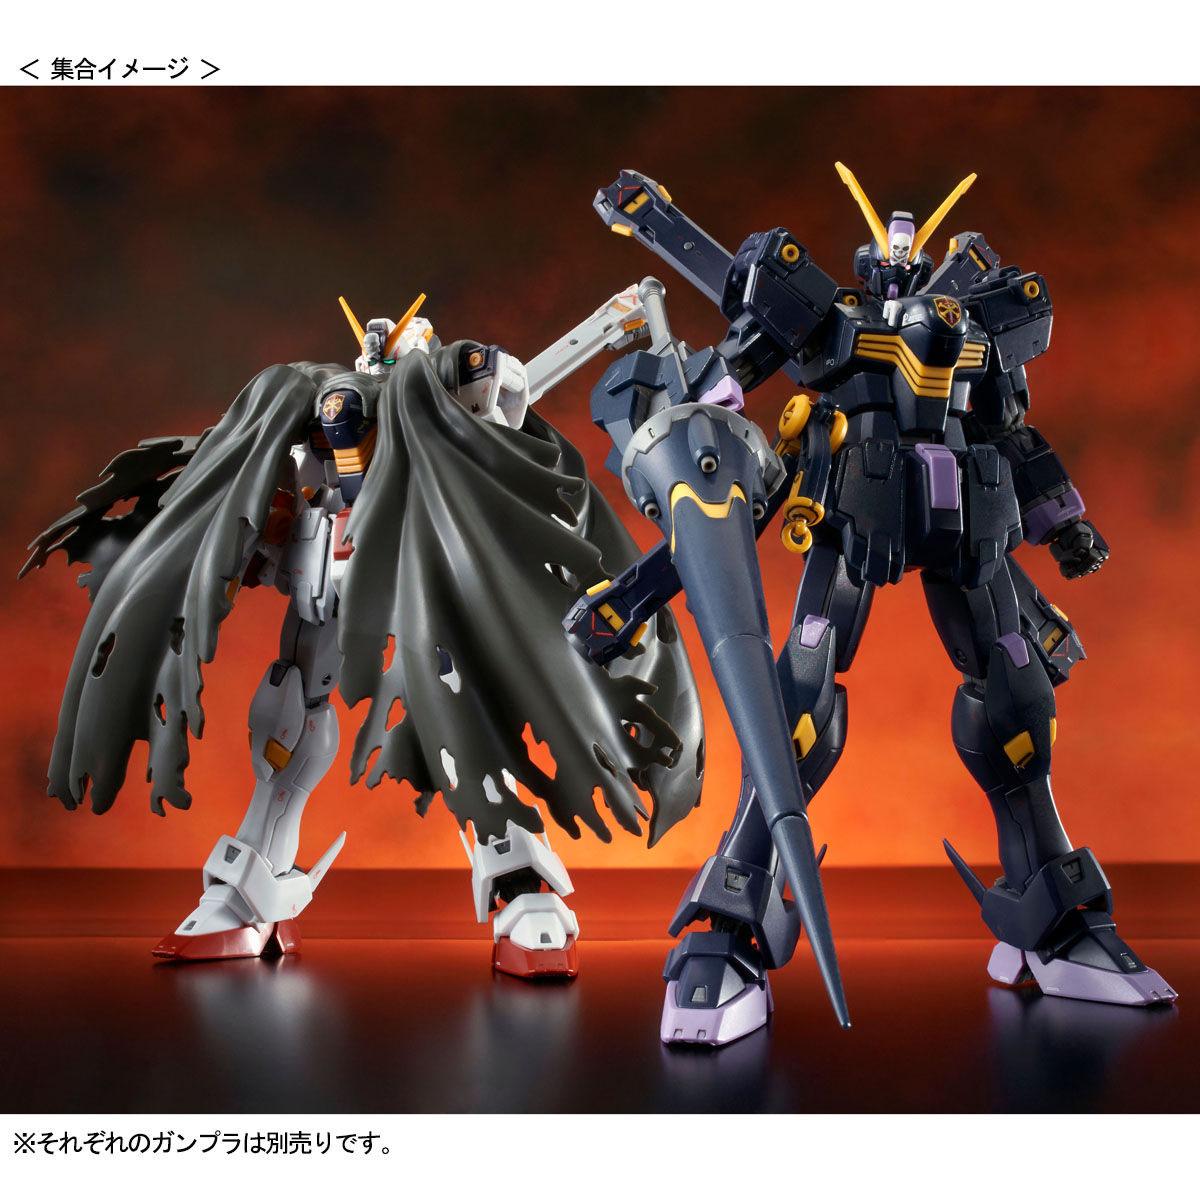 【限定販売】RG 1/144『クロスボーン・ガンダムX2』プラモデル-009